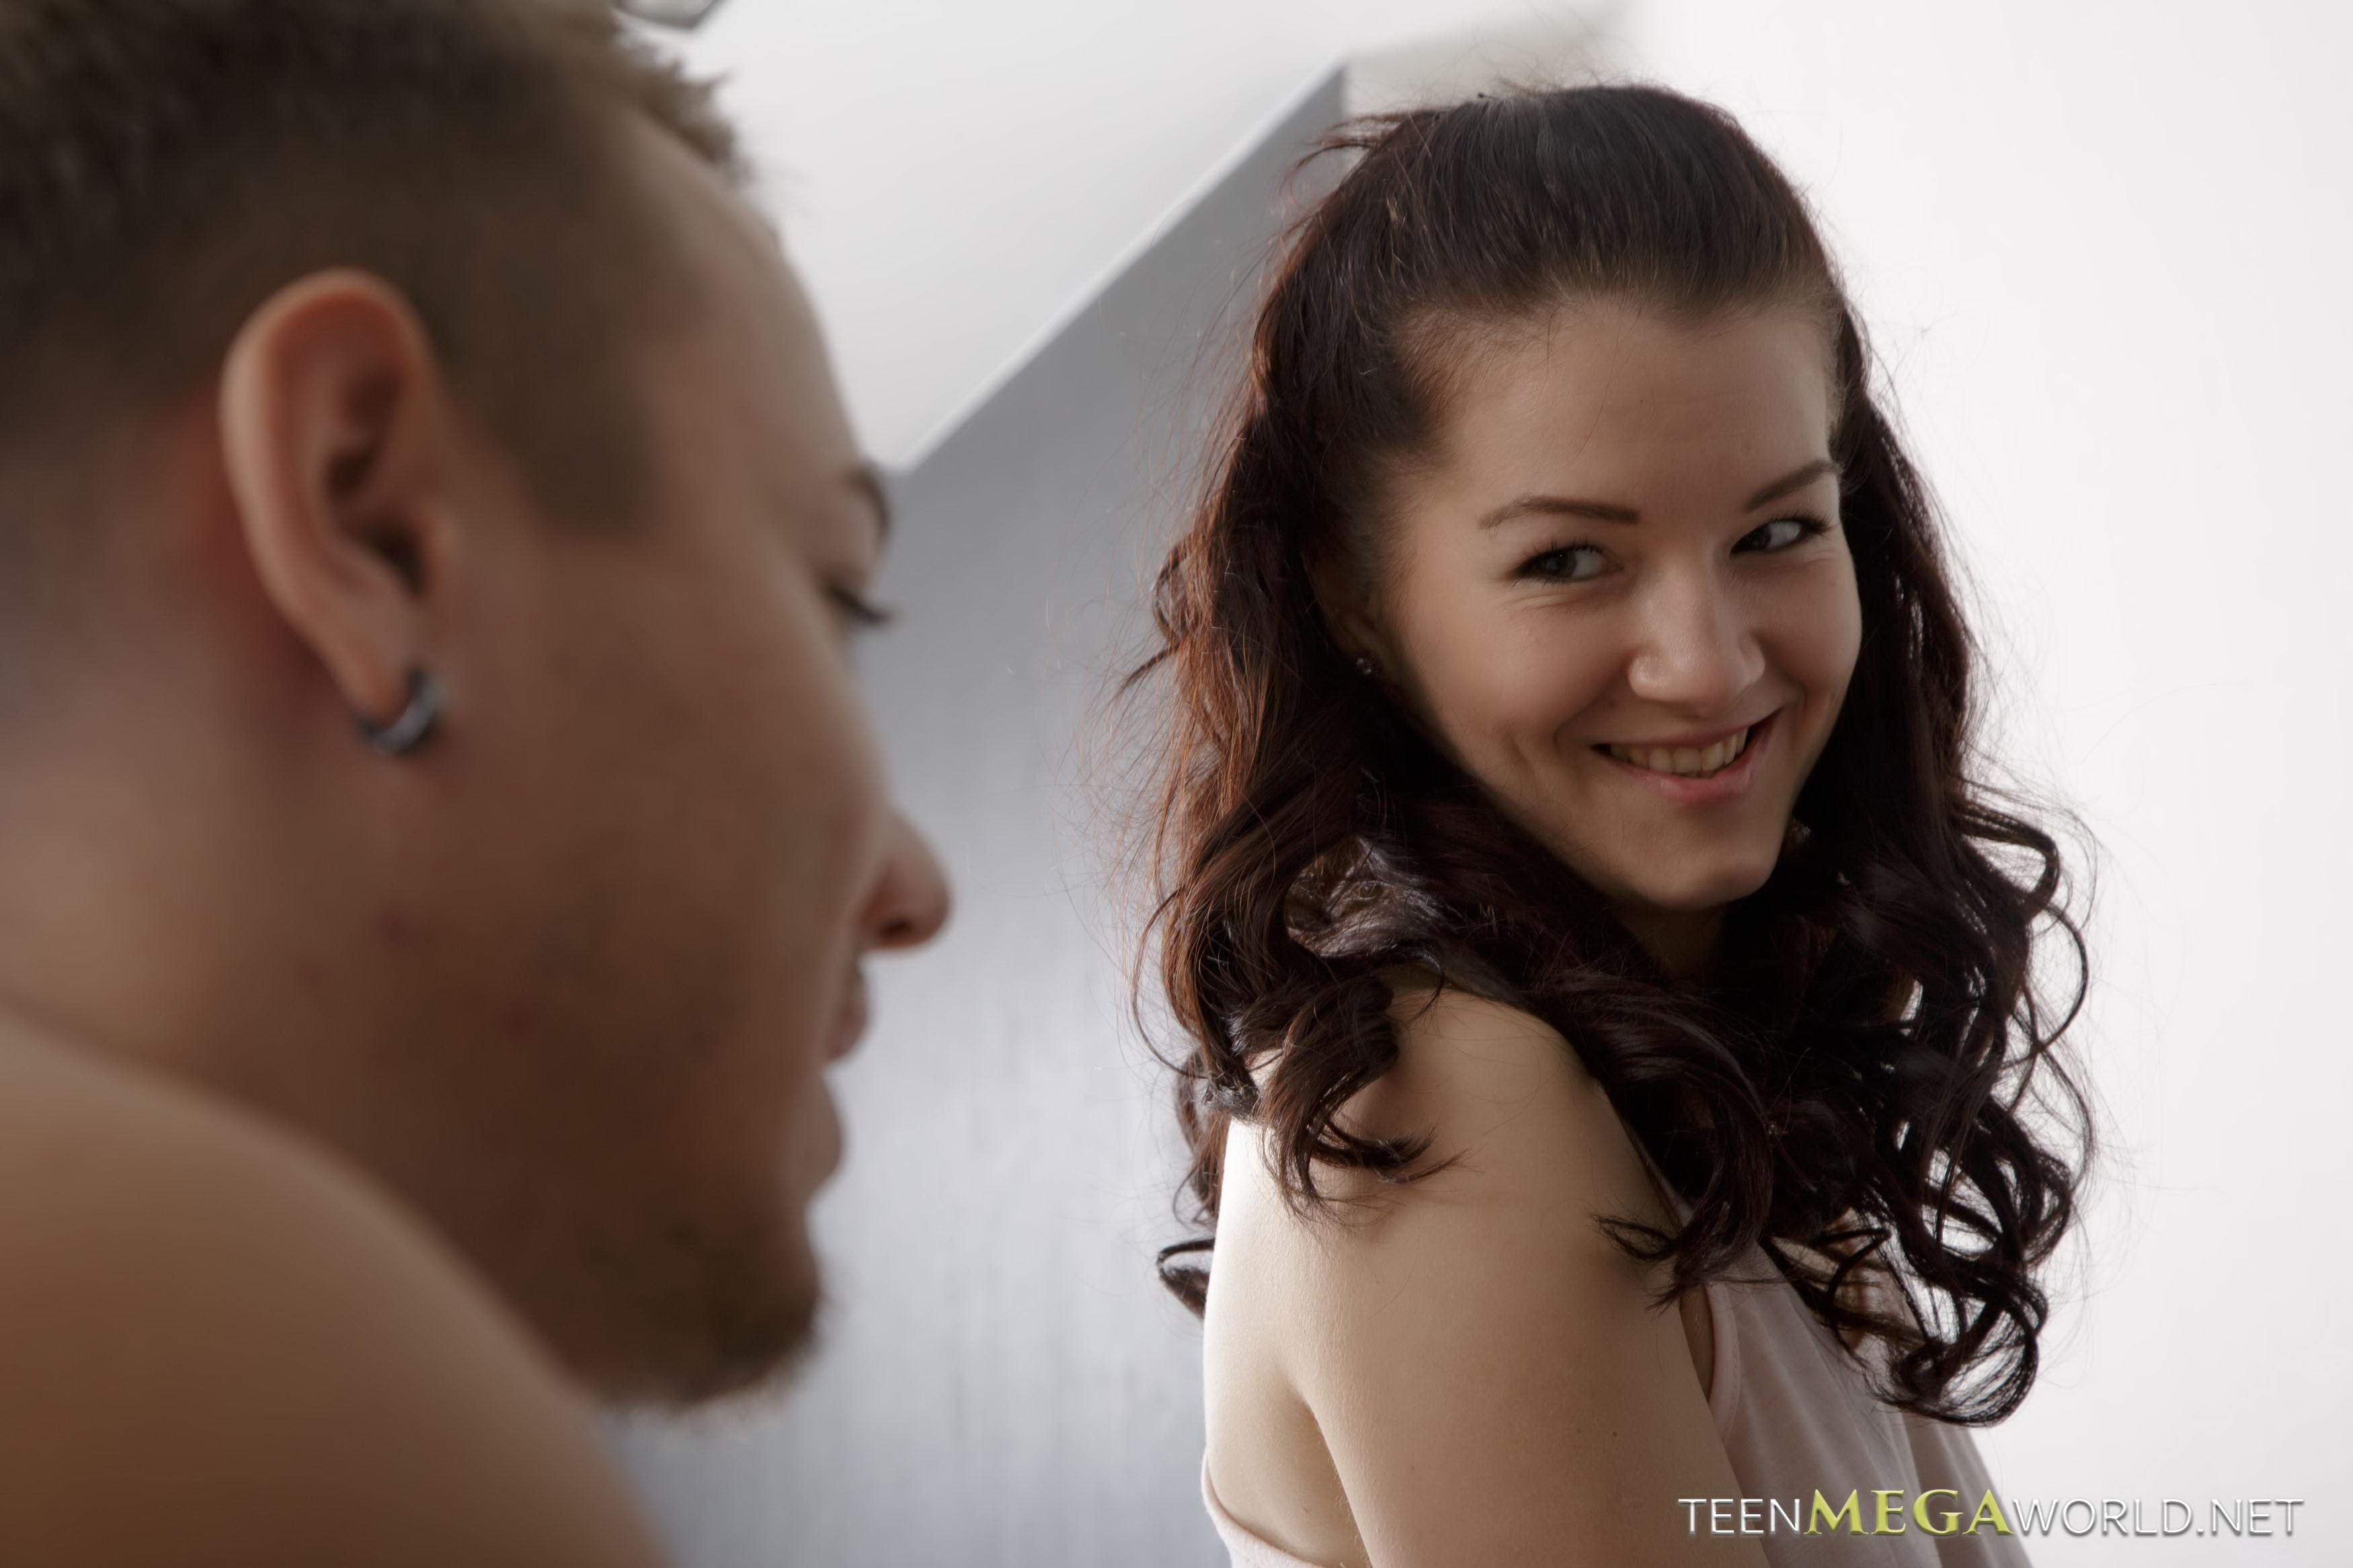 Angel face teen sex